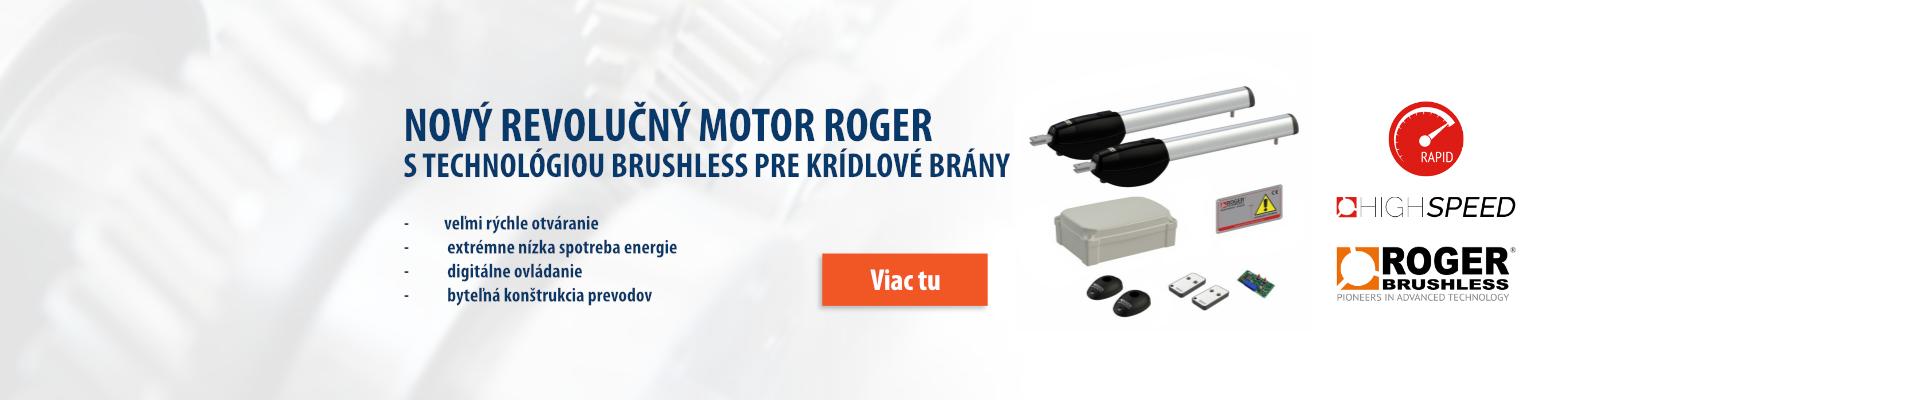 Banner - banner_nove_motory_roger_kridlove_brany_sk-1559711078.png